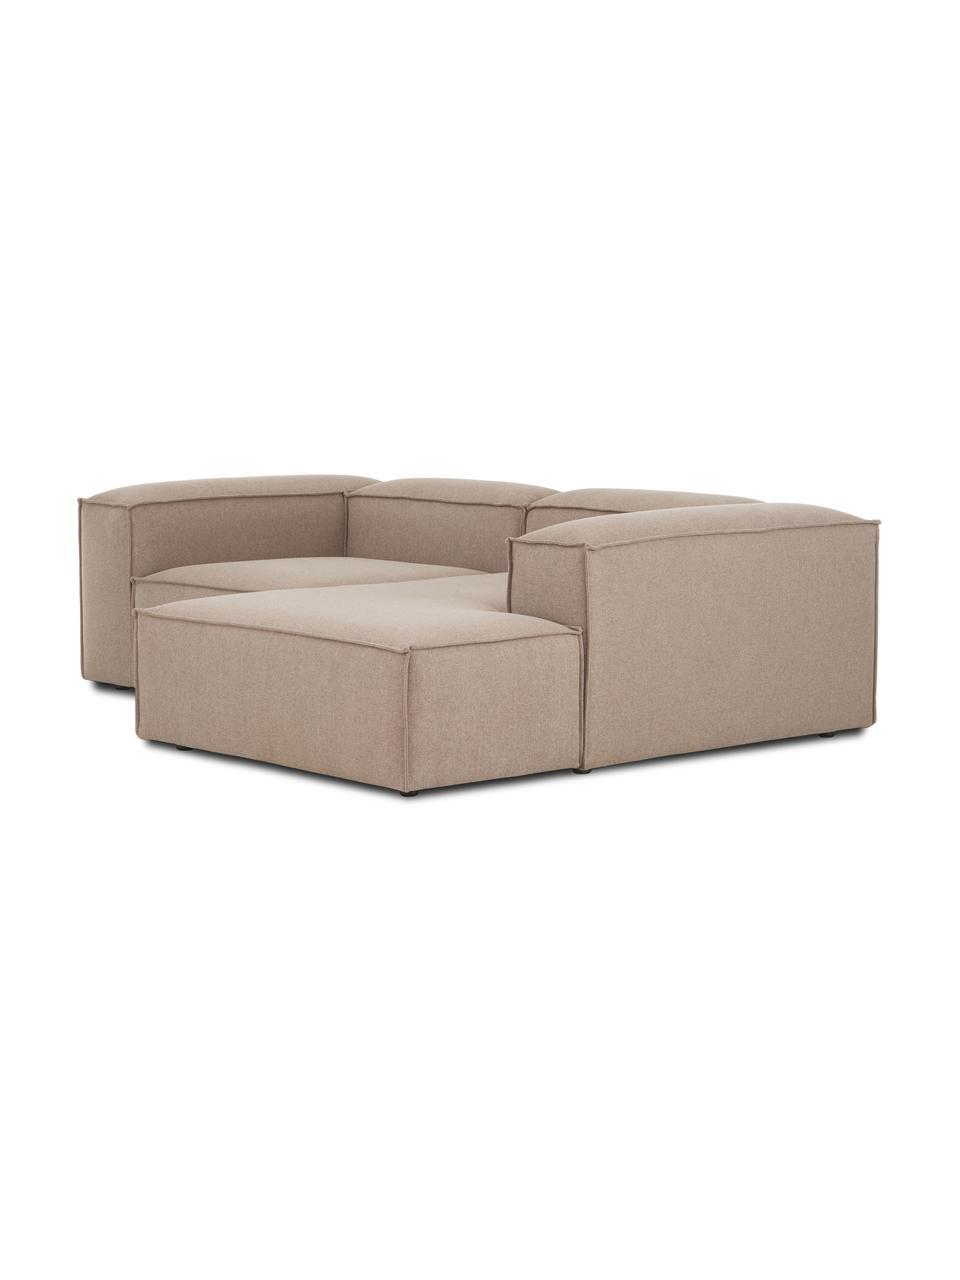 Narożna sofa modułowa Lennon, Tapicerka: 100% poliester Dzięki tka, Stelaż: lite drewno sosnowe, skle, Nogi: tworzywo sztuczne Nogi zn, Brązowy, S 238 x G 180 cm